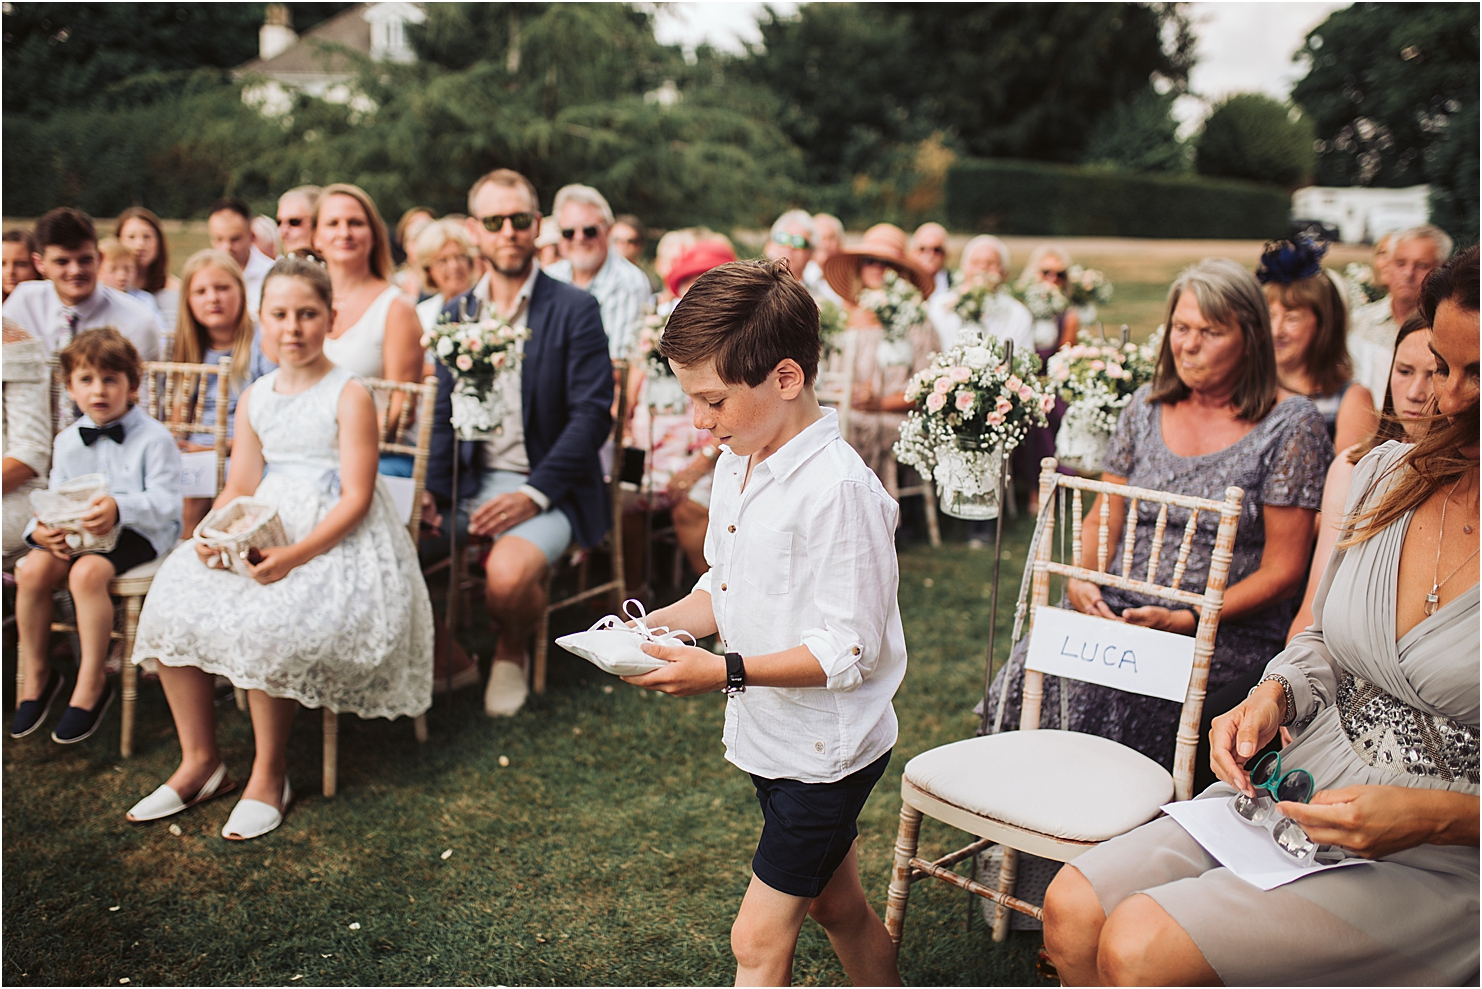 fotos de boda en exterior-23.jpg